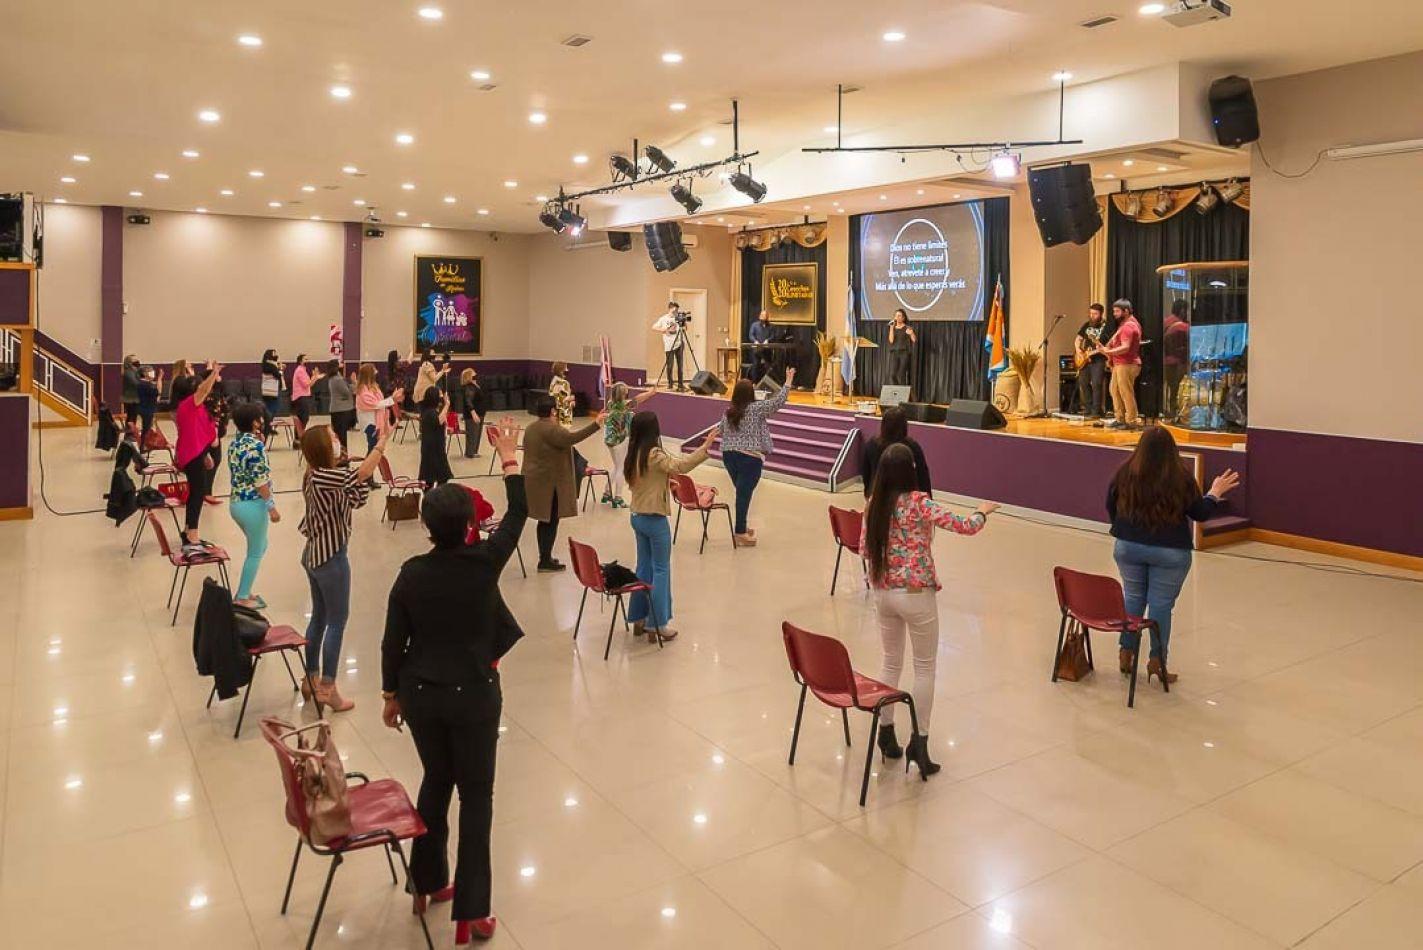 """La iglesia """" Hay Vida En Jesús"""" que cuenta con capacidad para 600 personas, realizó el Culto de acuerdo a la autorización conferida ."""